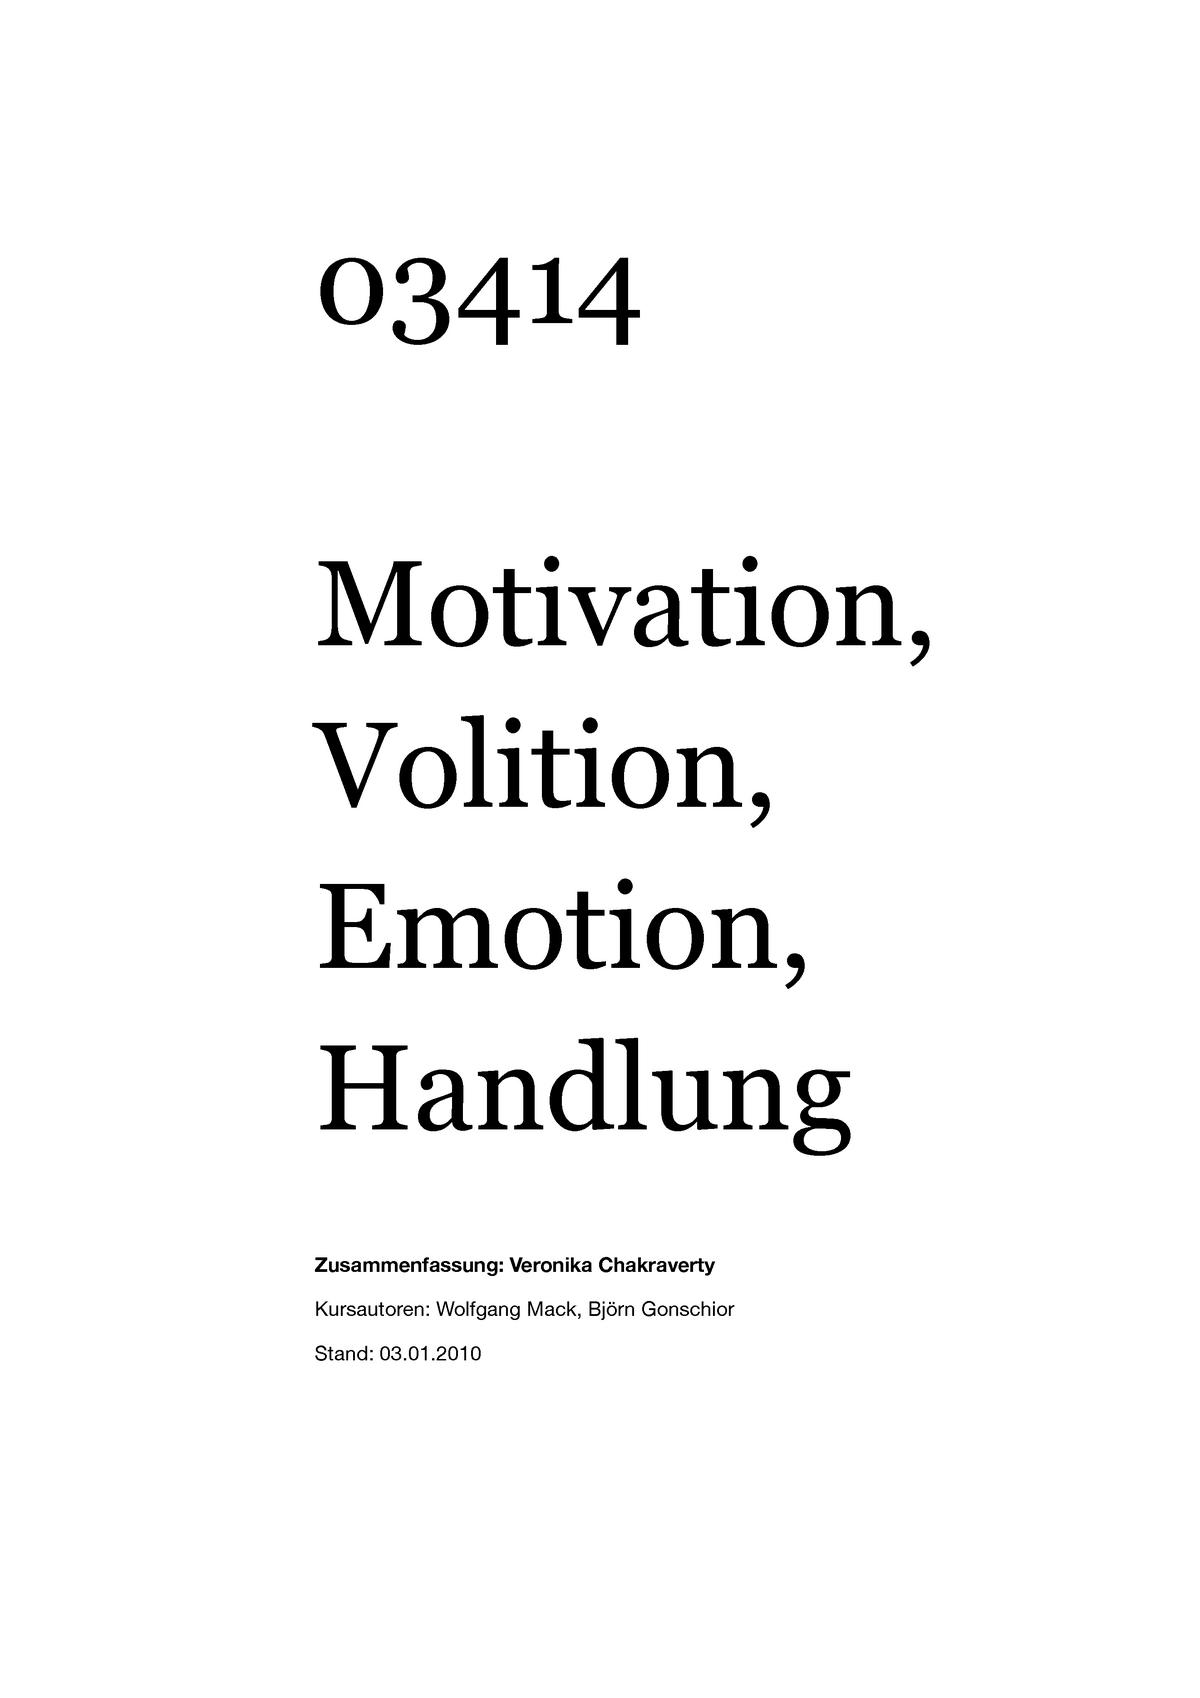 Zusammenfassung Motivation Volition Emotion Handlung Studocu